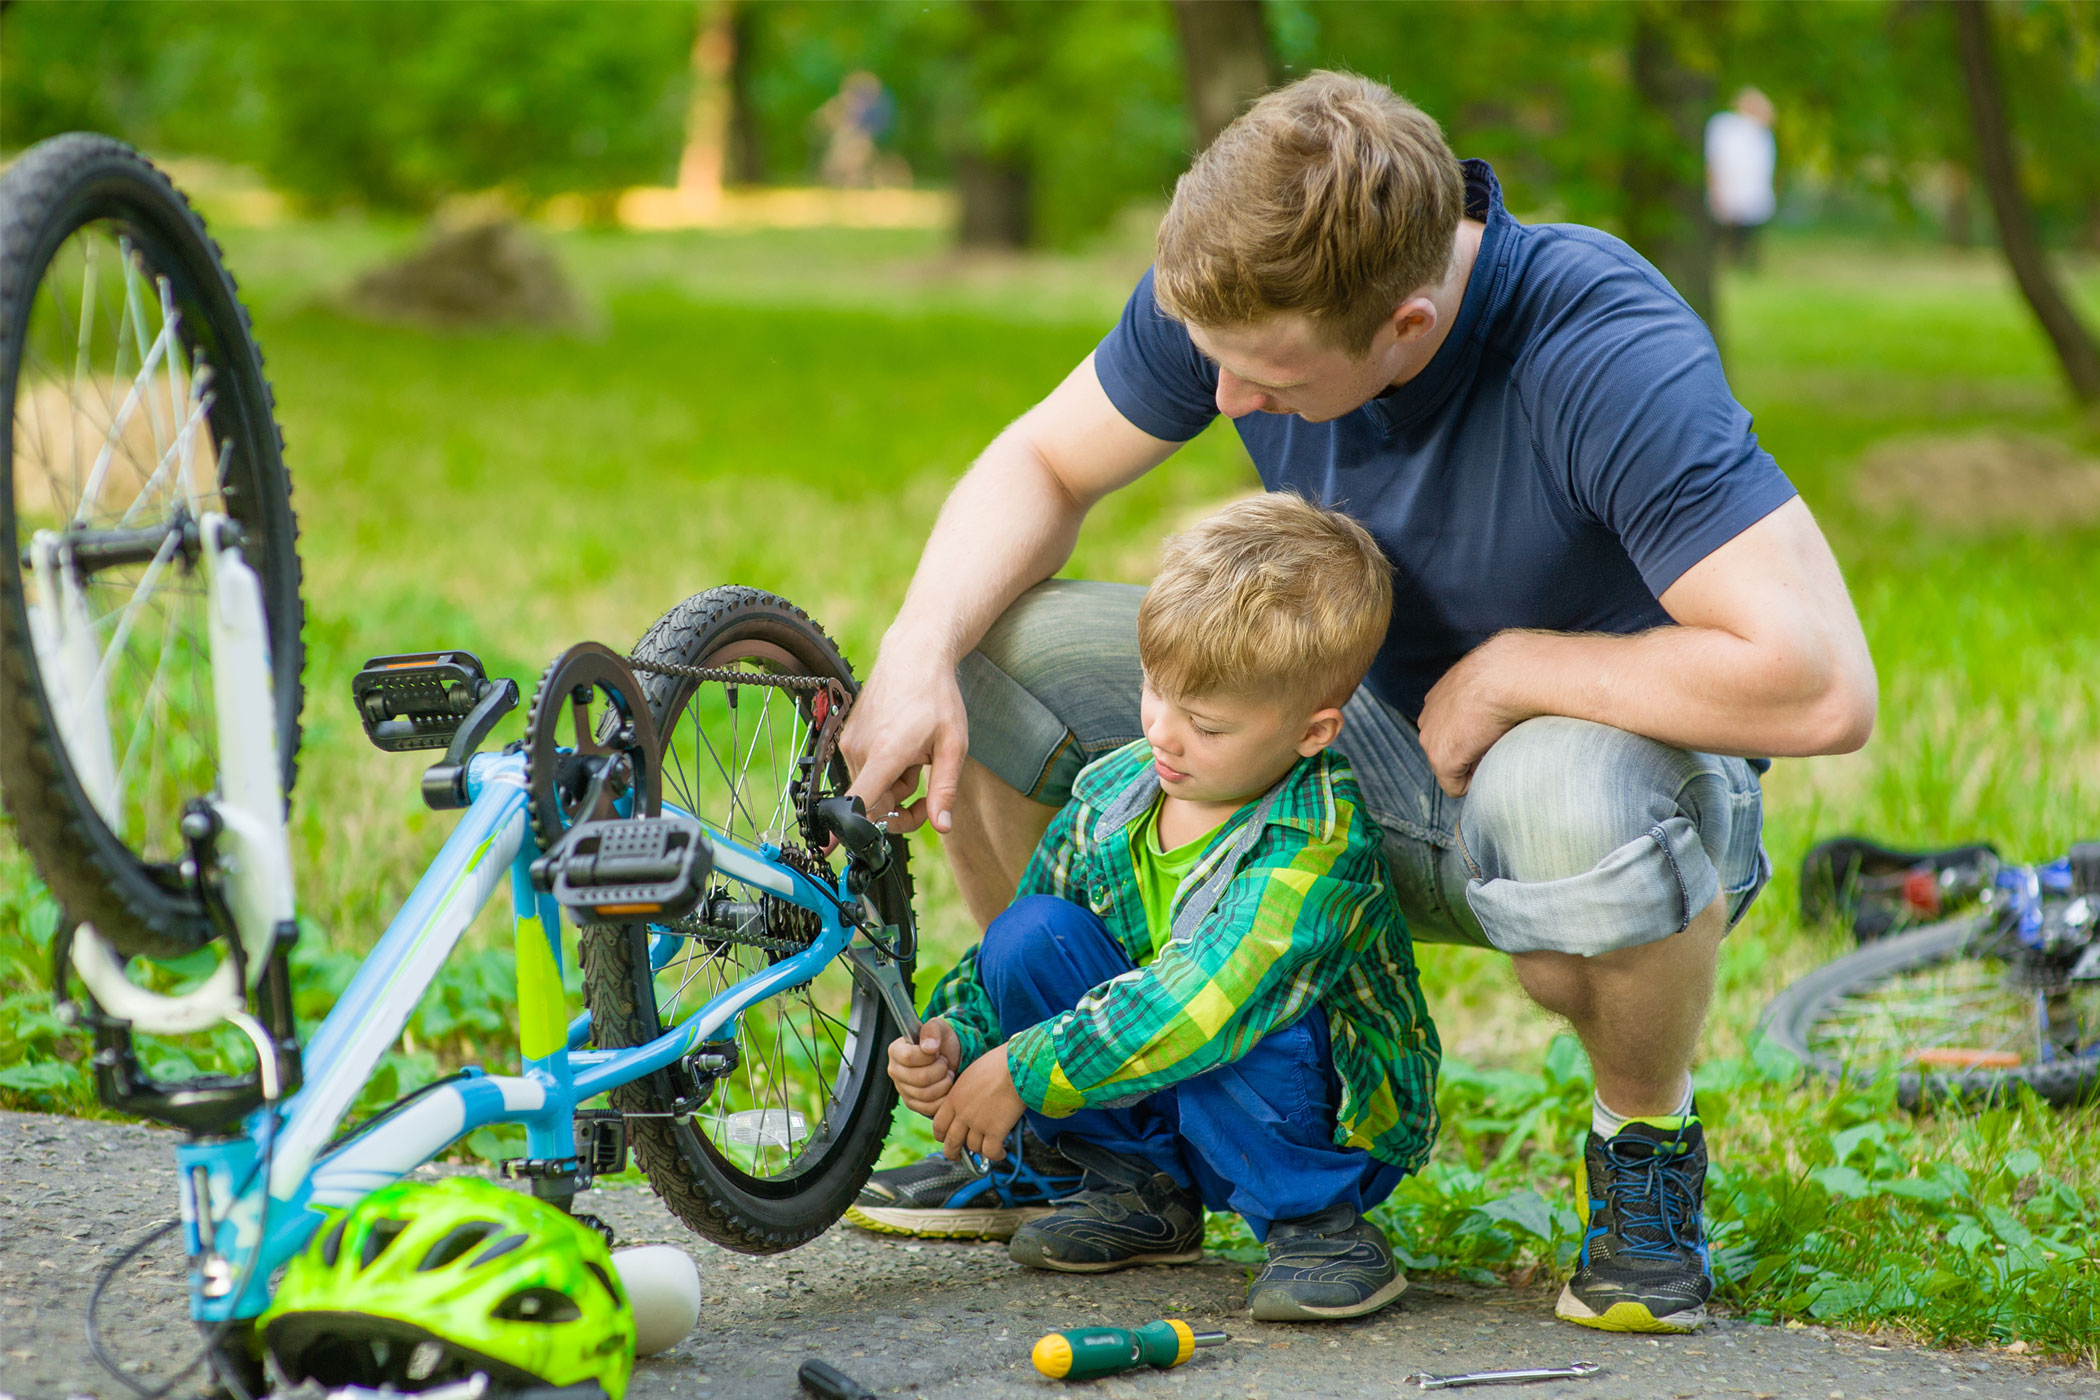 Repair bike